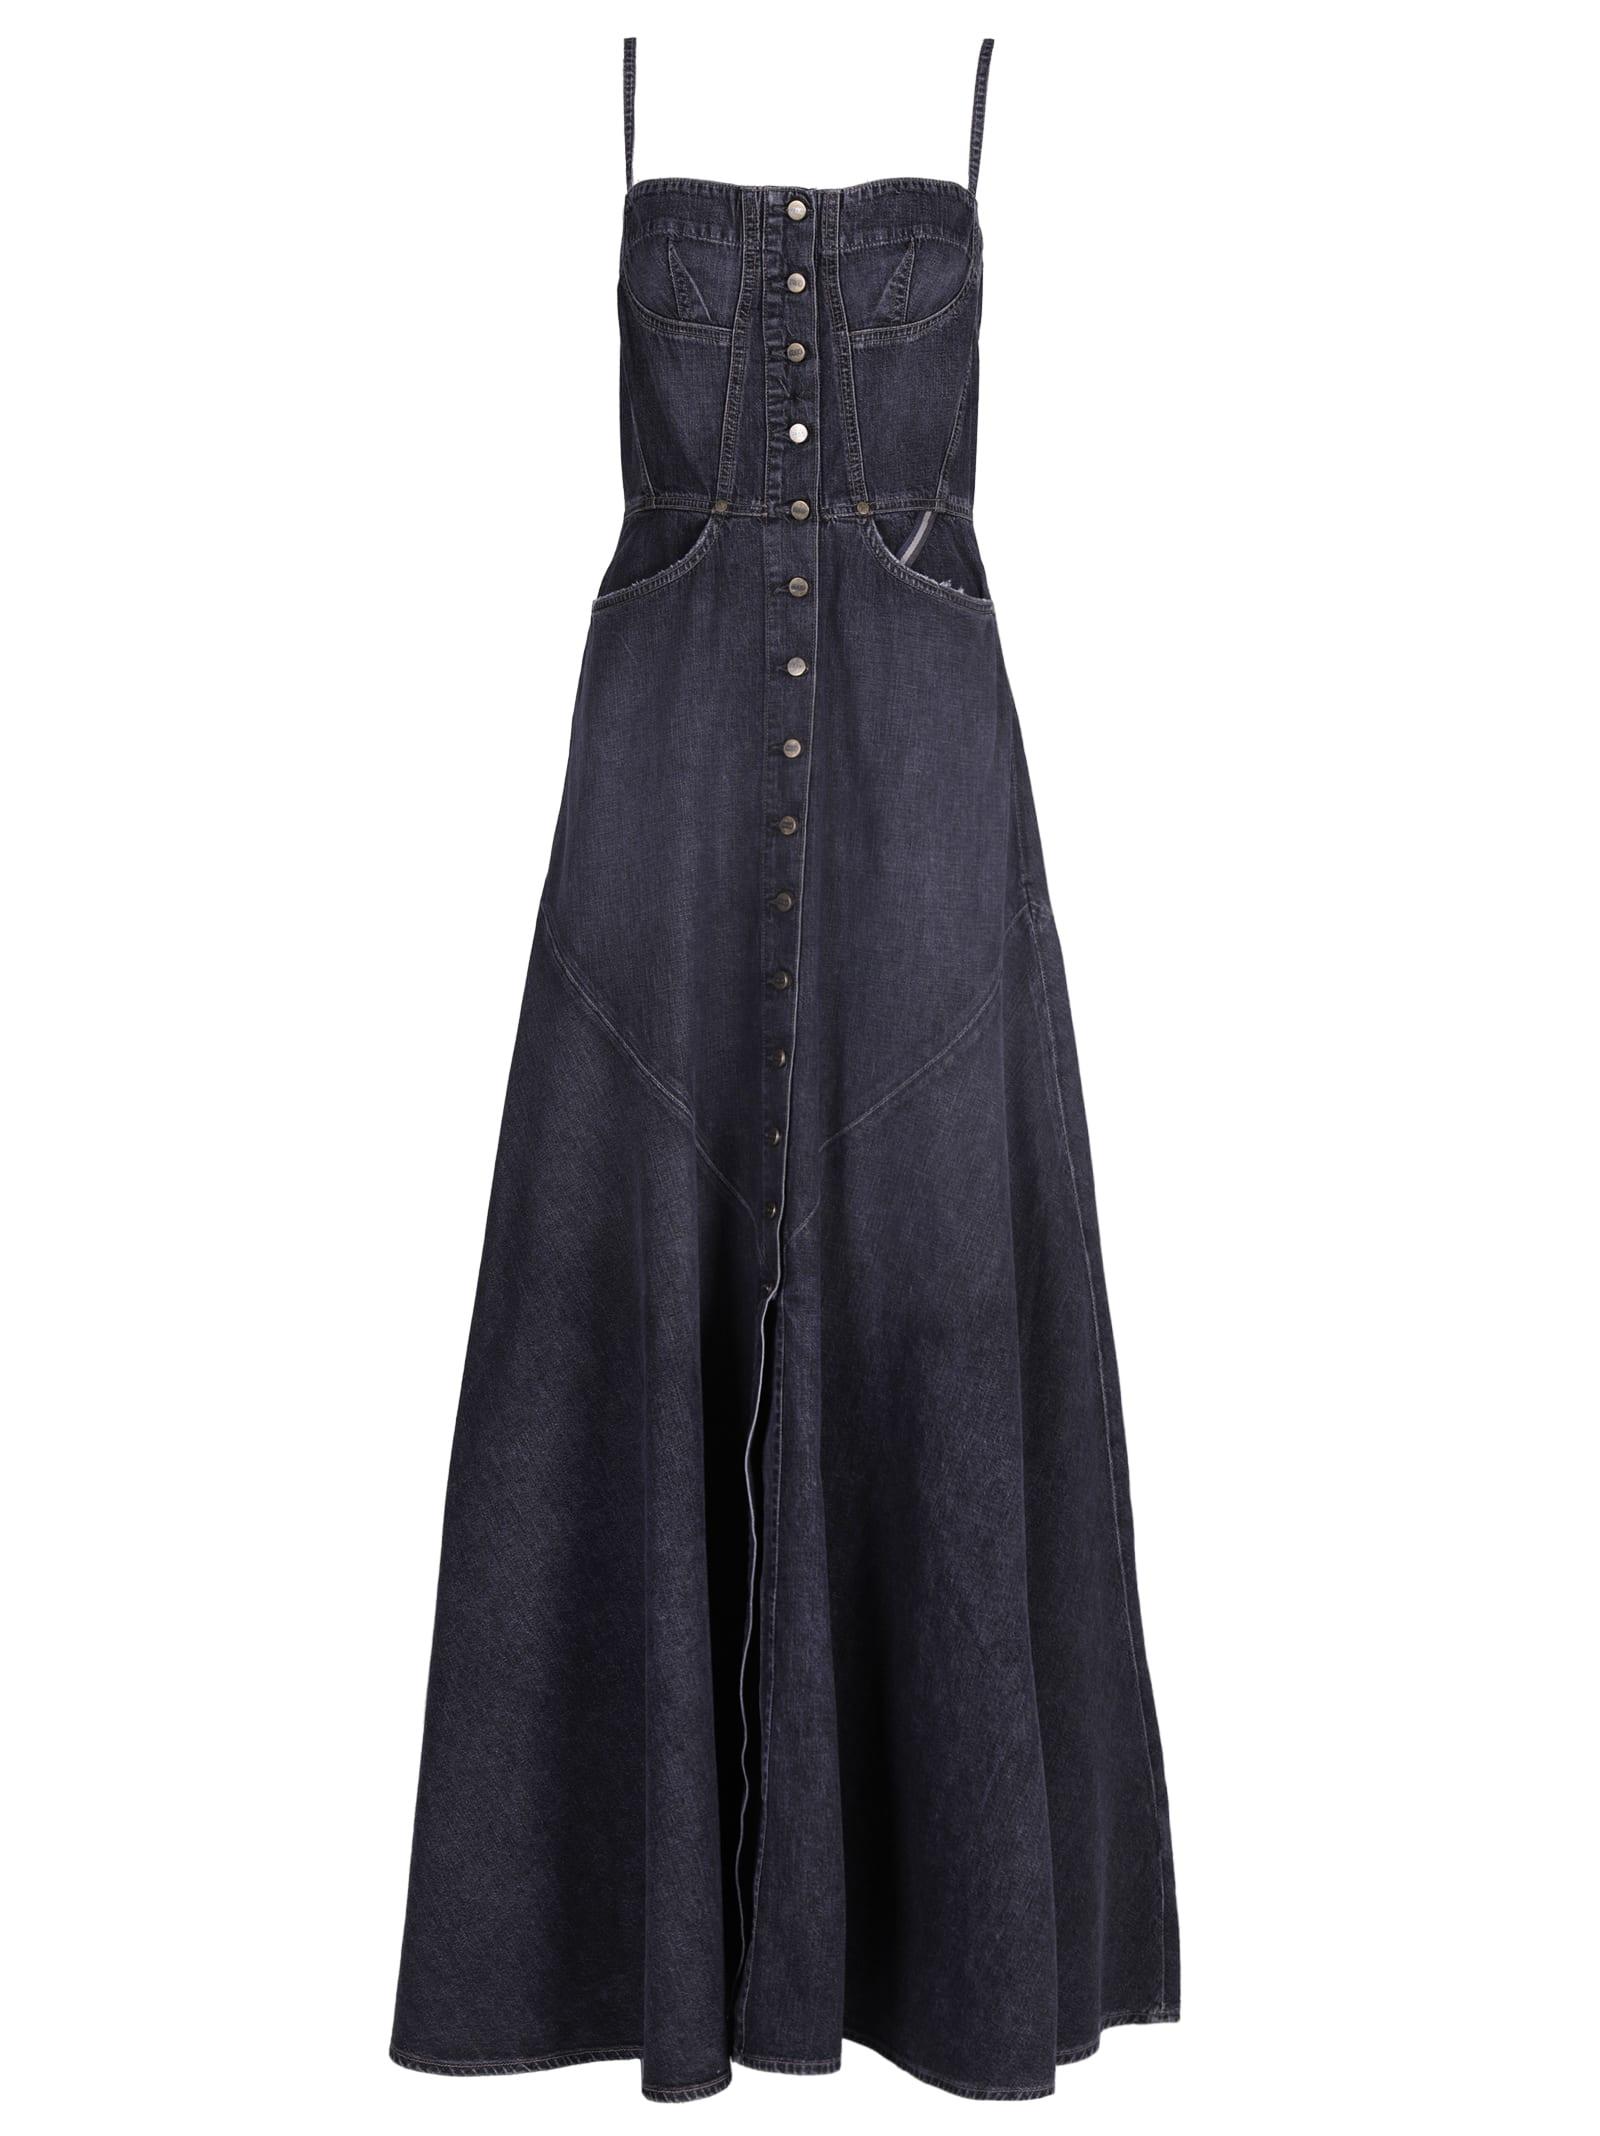 Jean Atelier Denim Dress